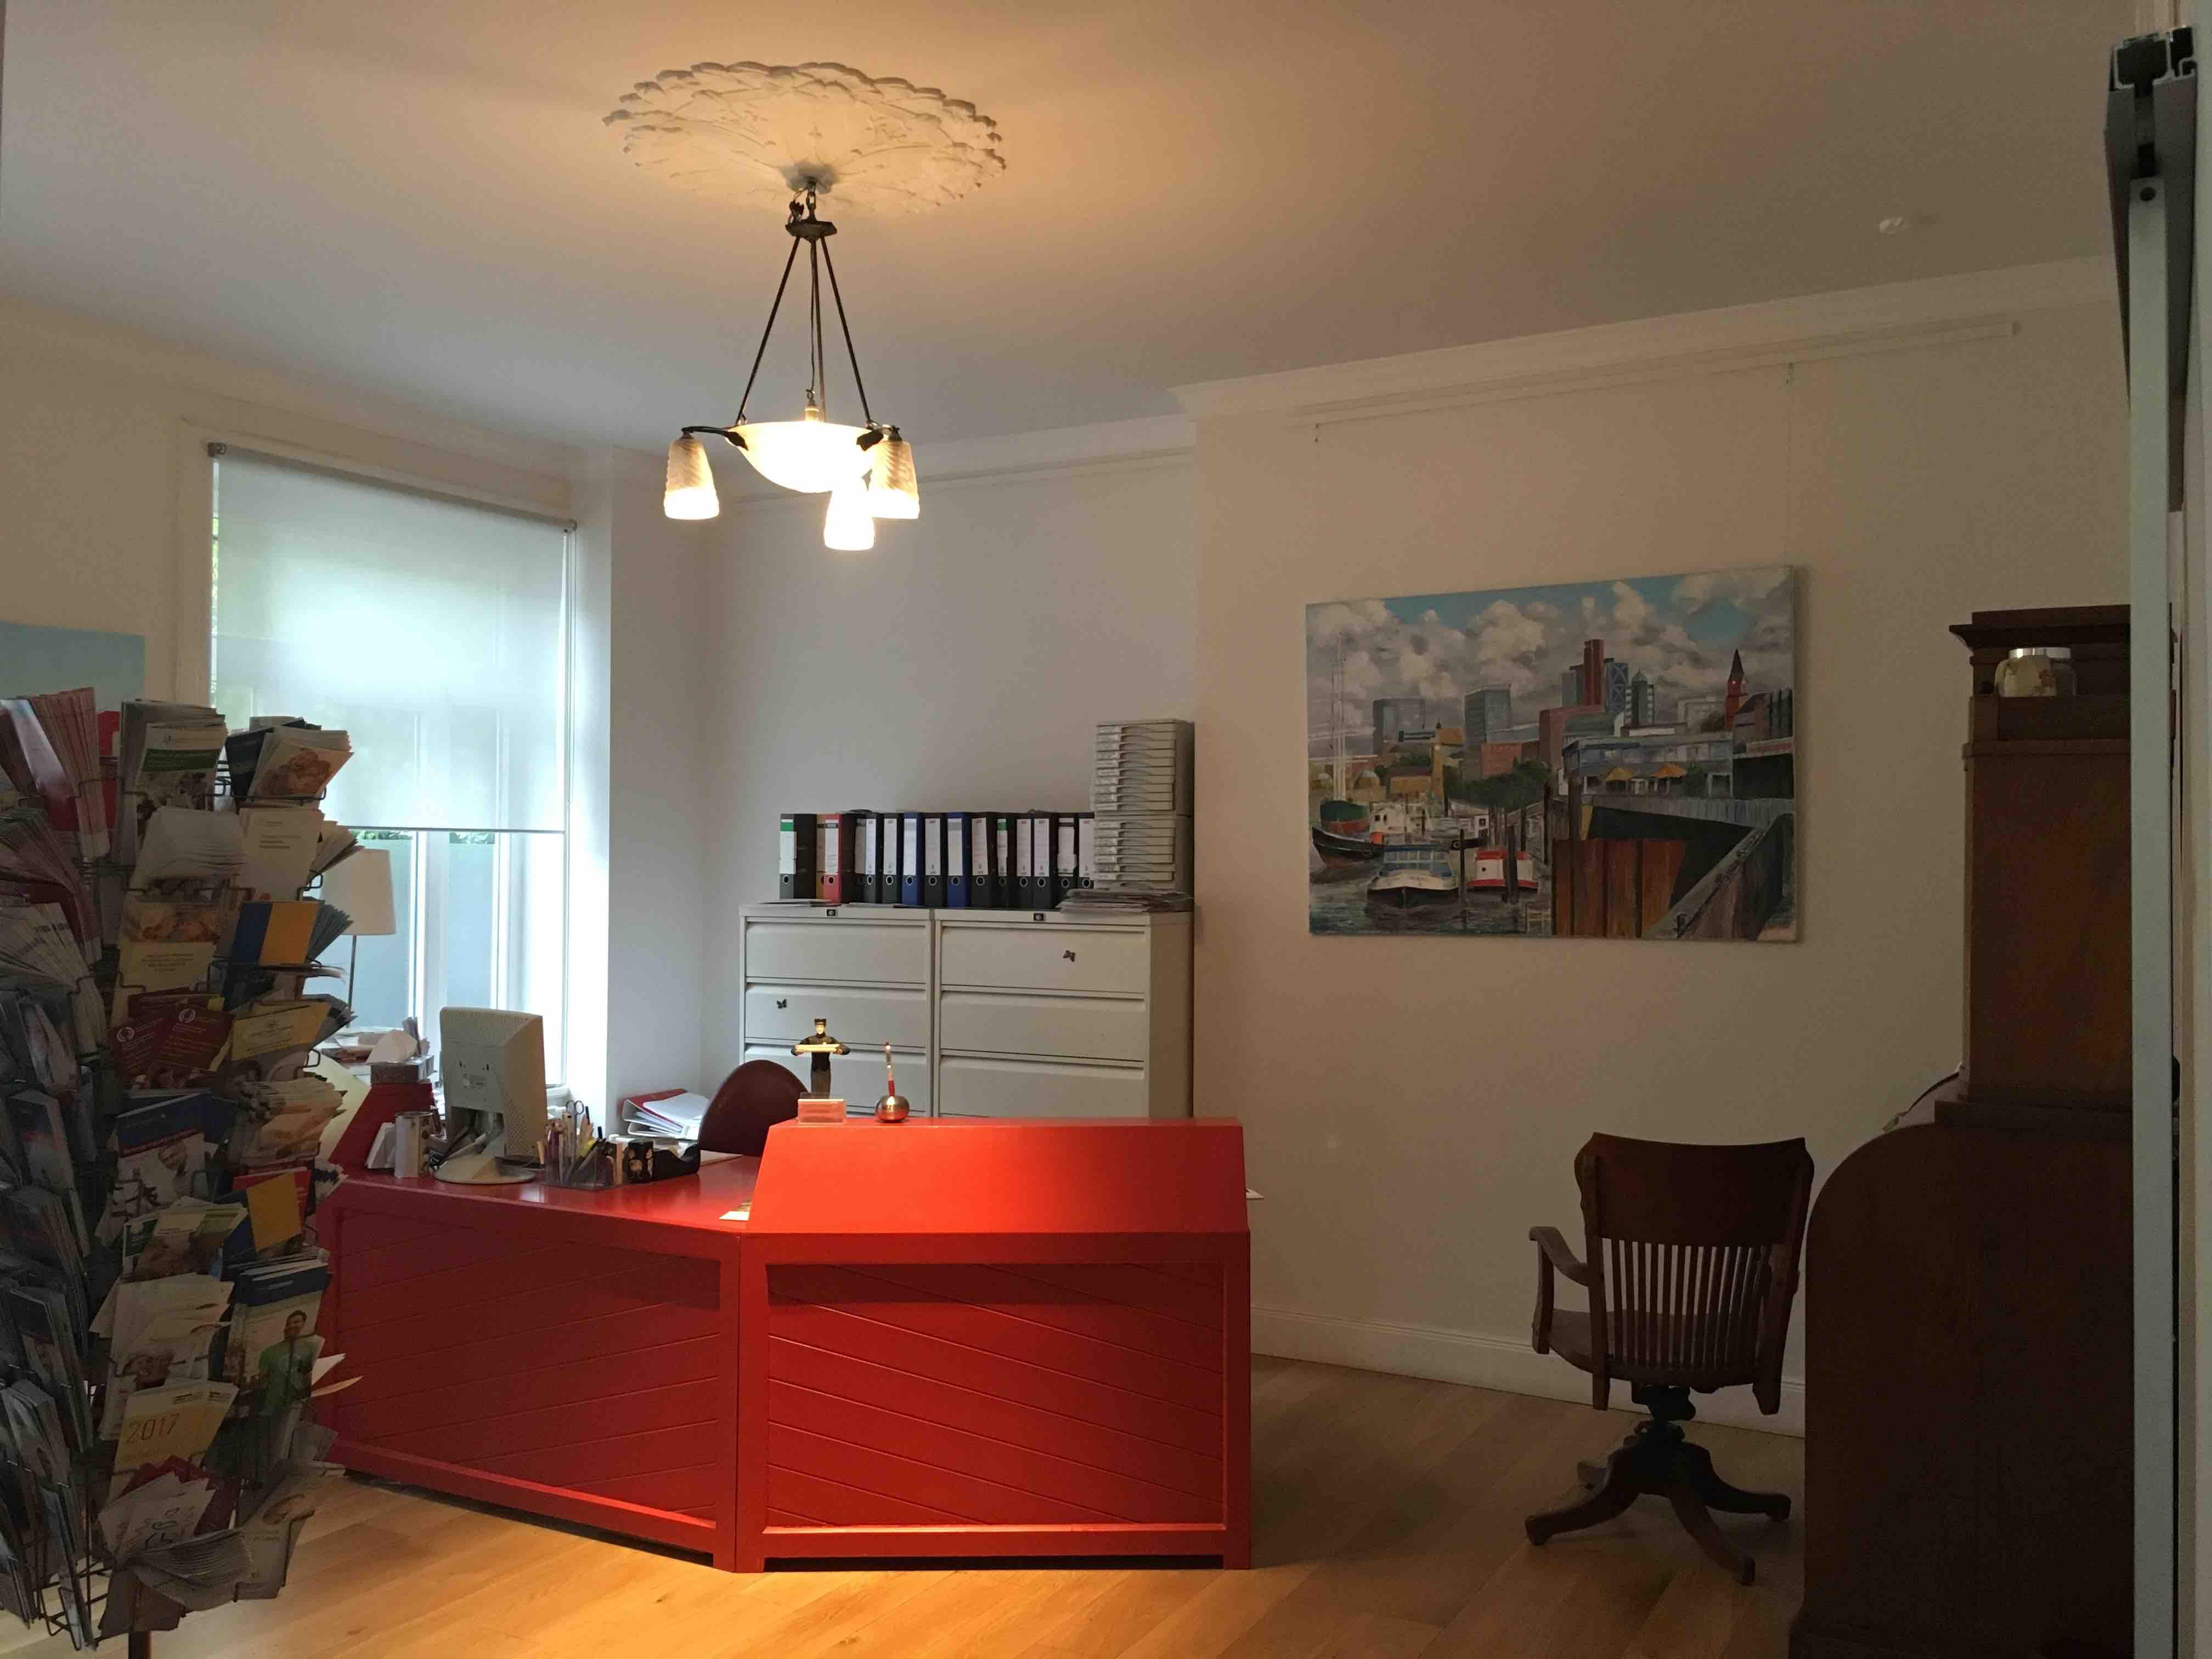 landarztb rse arztpraxis kaufen und verkaufen objekt. Black Bedroom Furniture Sets. Home Design Ideas